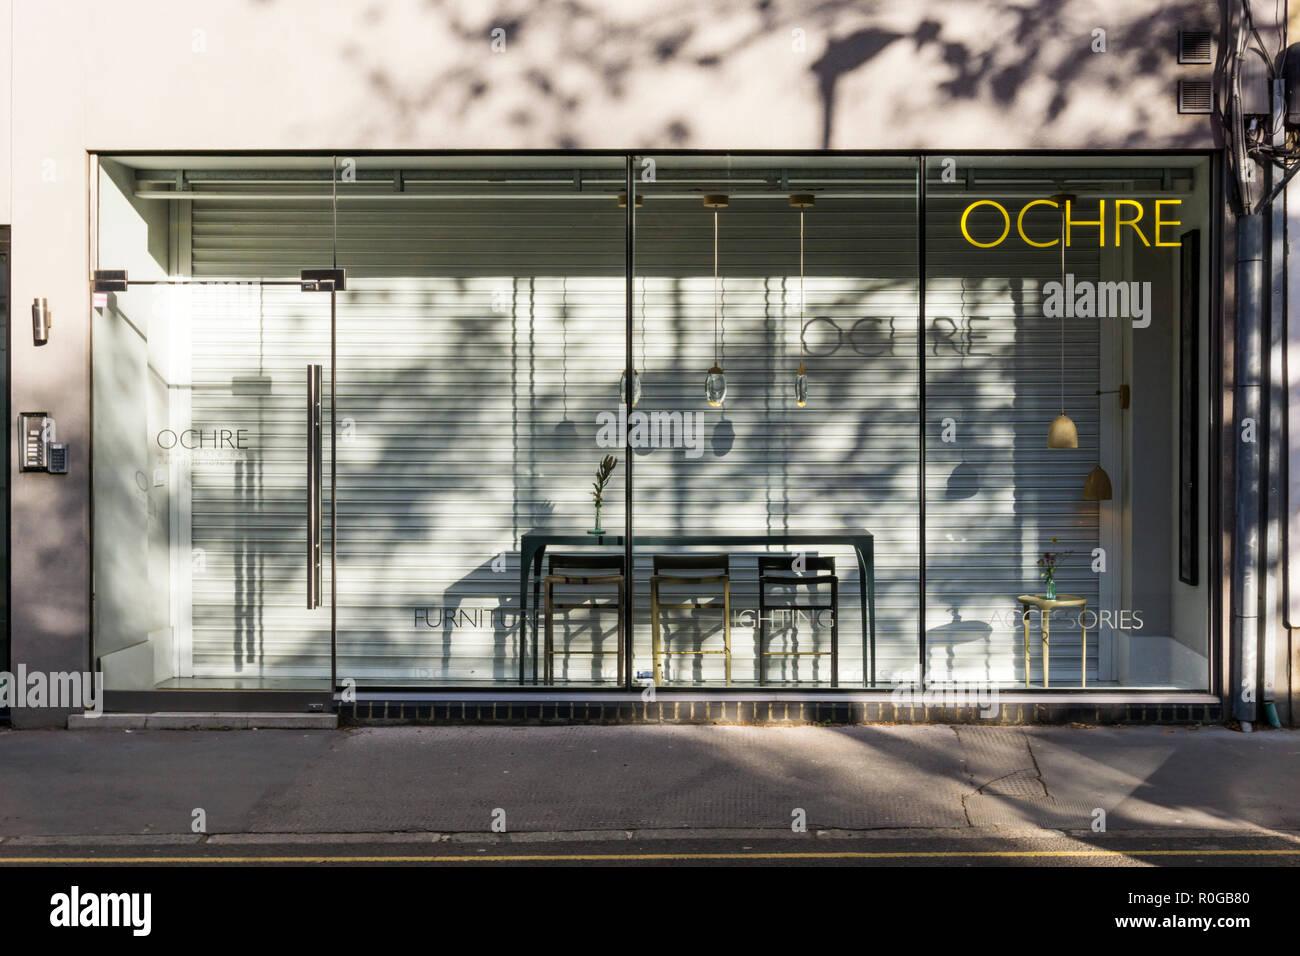 Ocra arredamento contemporaneo, lighting & Accessories shop in Clerkenwell, Londra. Immagini Stock